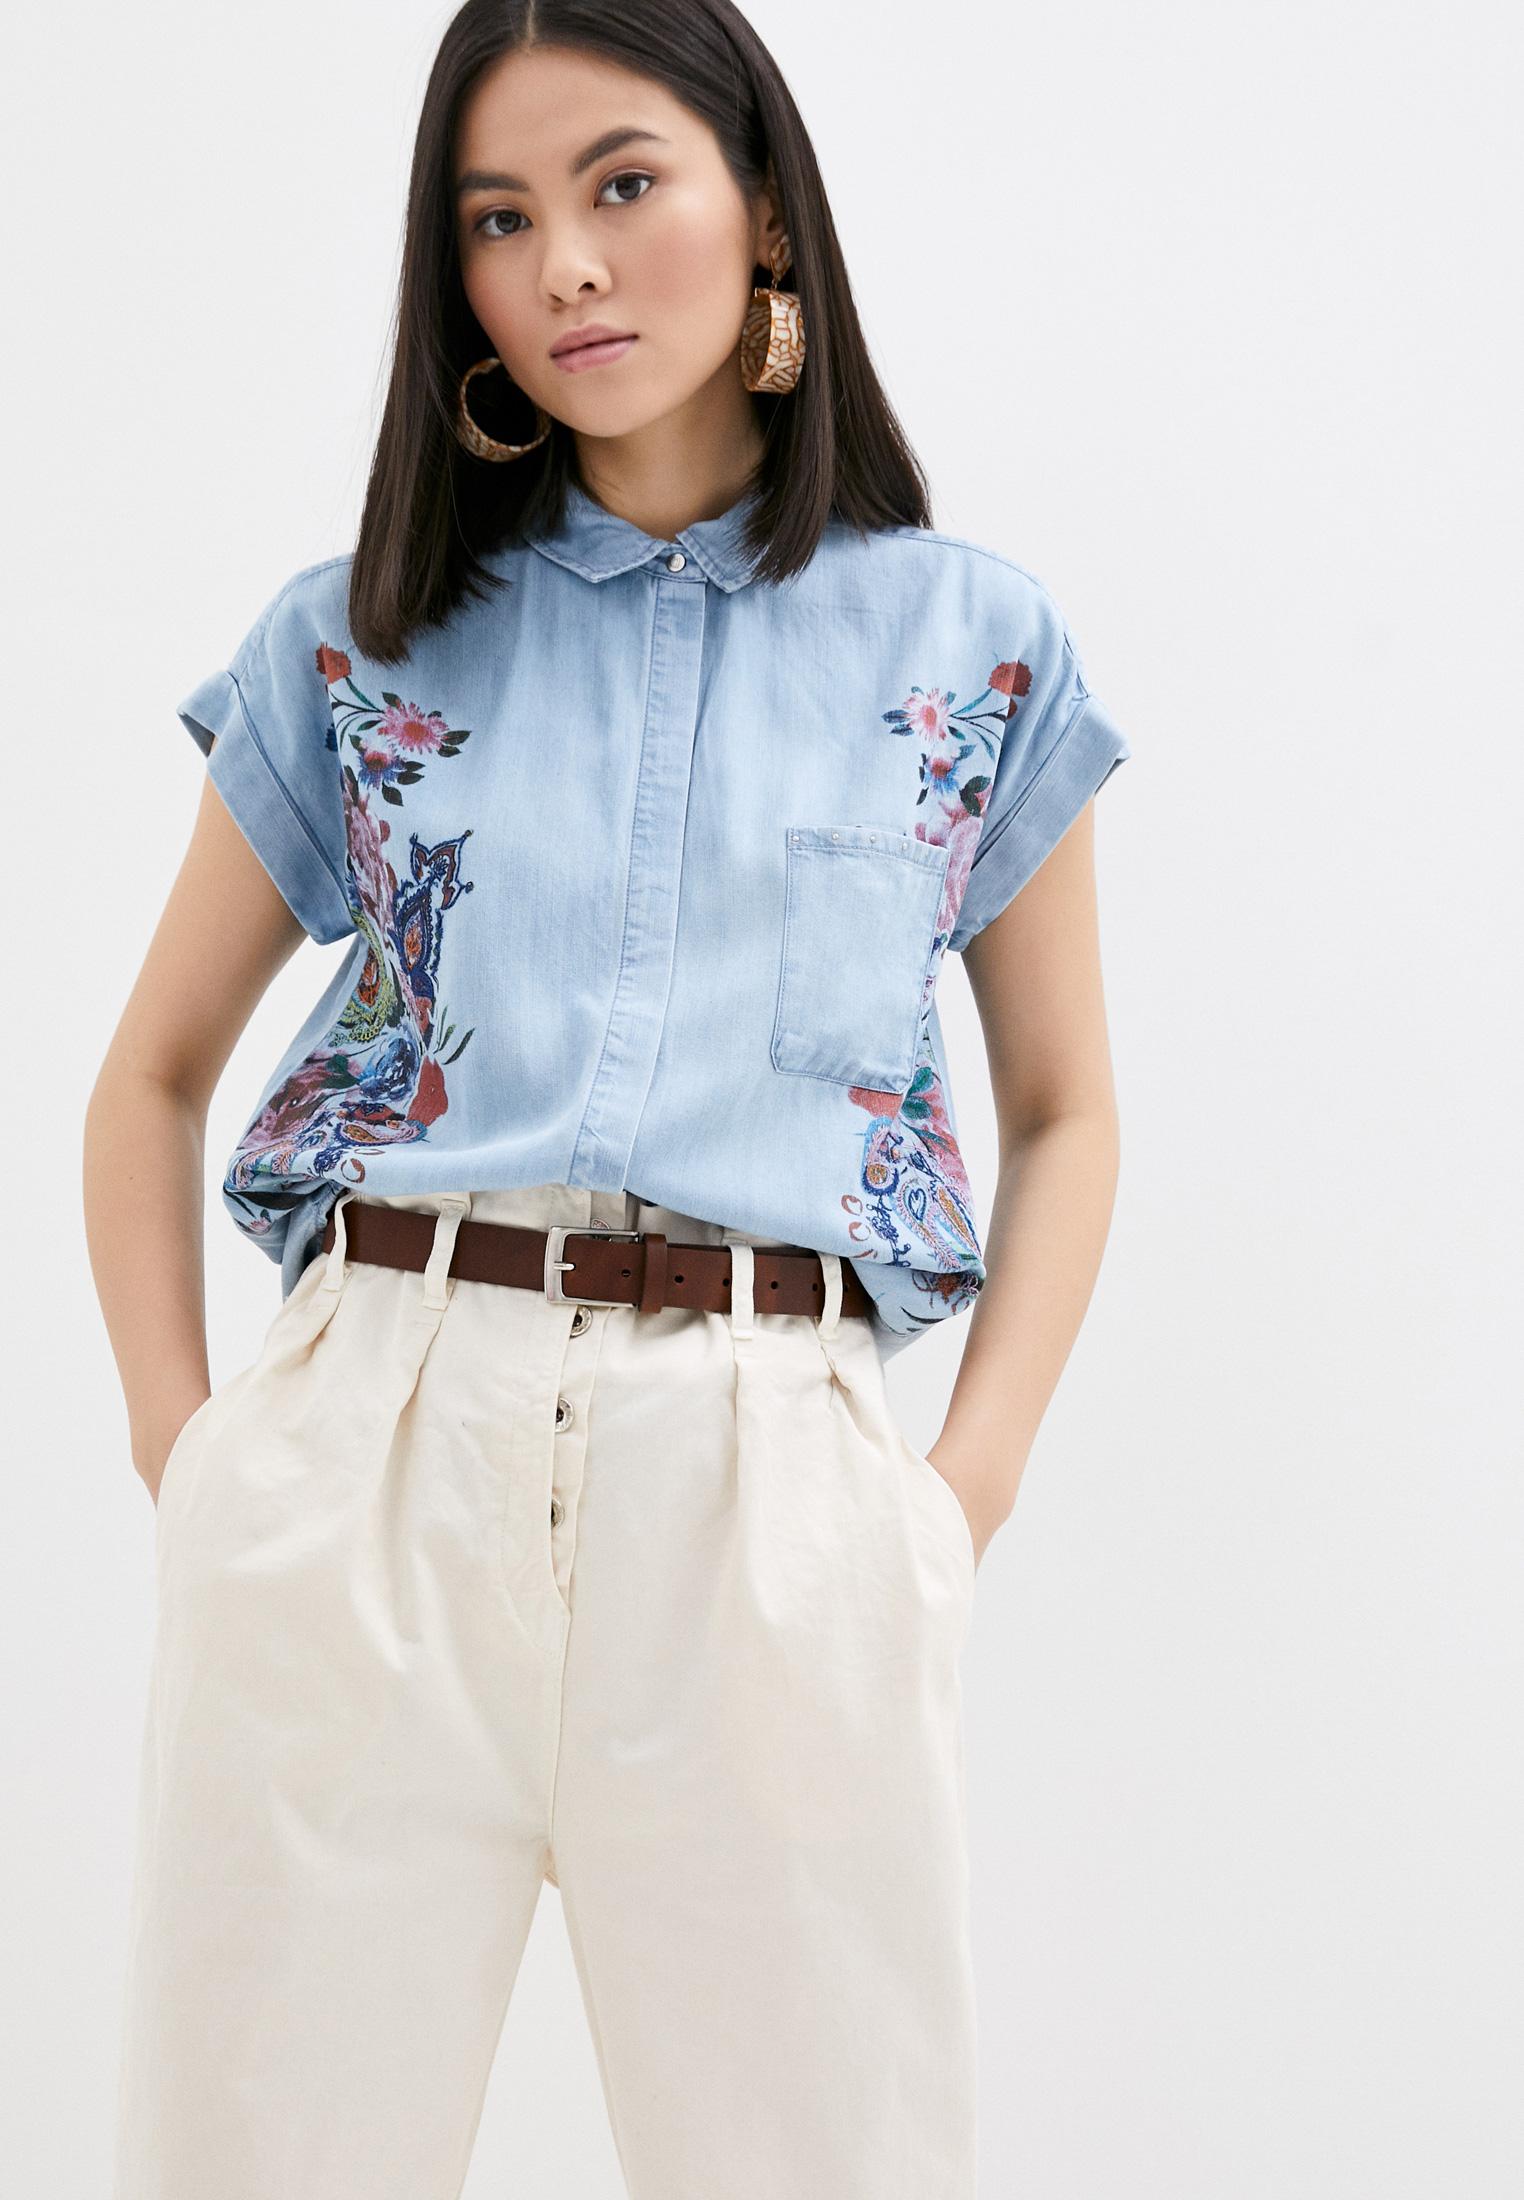 Женские джинсовые рубашки Desigual (Дезигуаль) Рубашка джинсовая Desigual